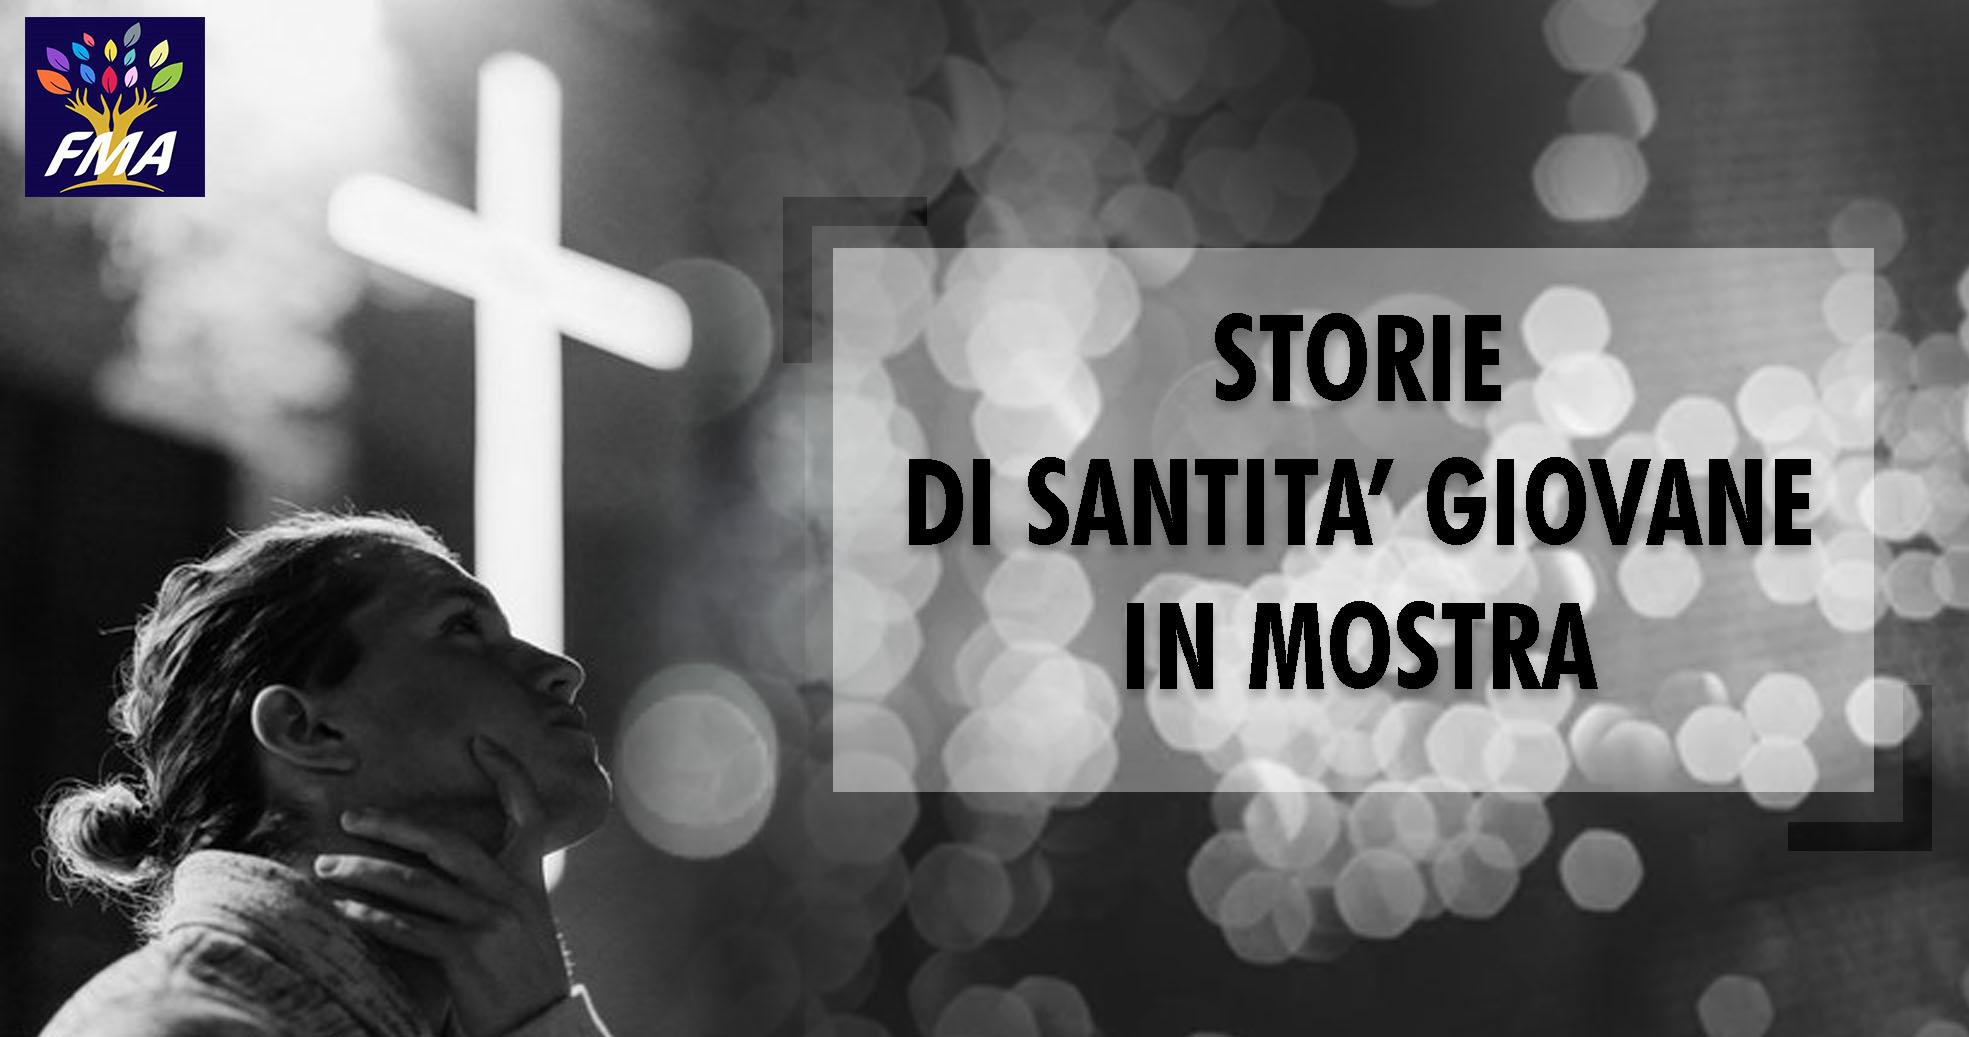 Storie di santità giovane in mostra